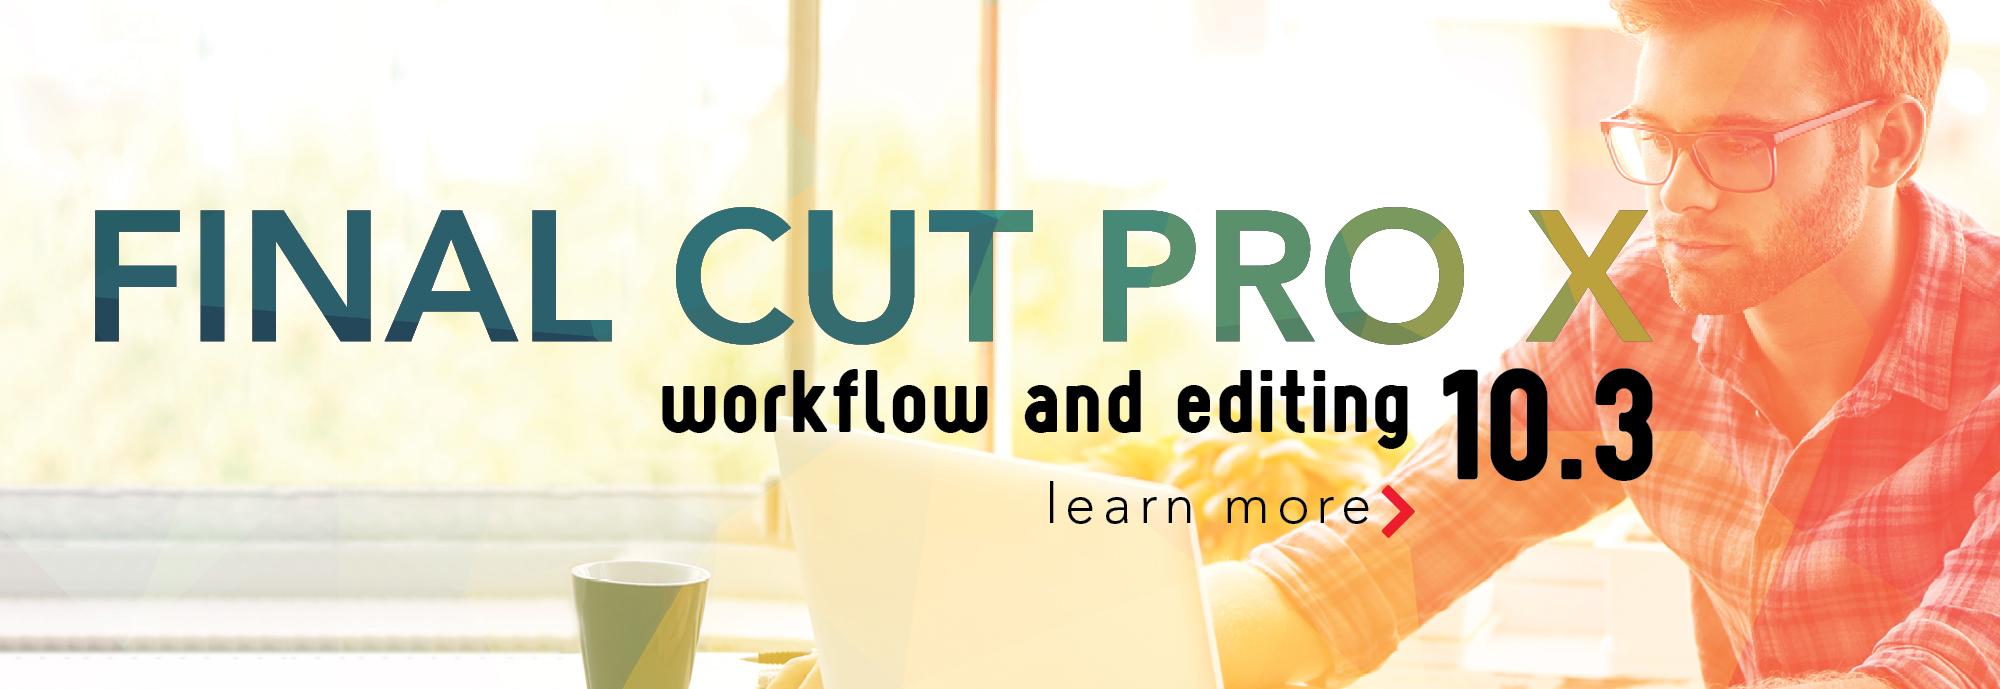 Final Cut Pro 10.3